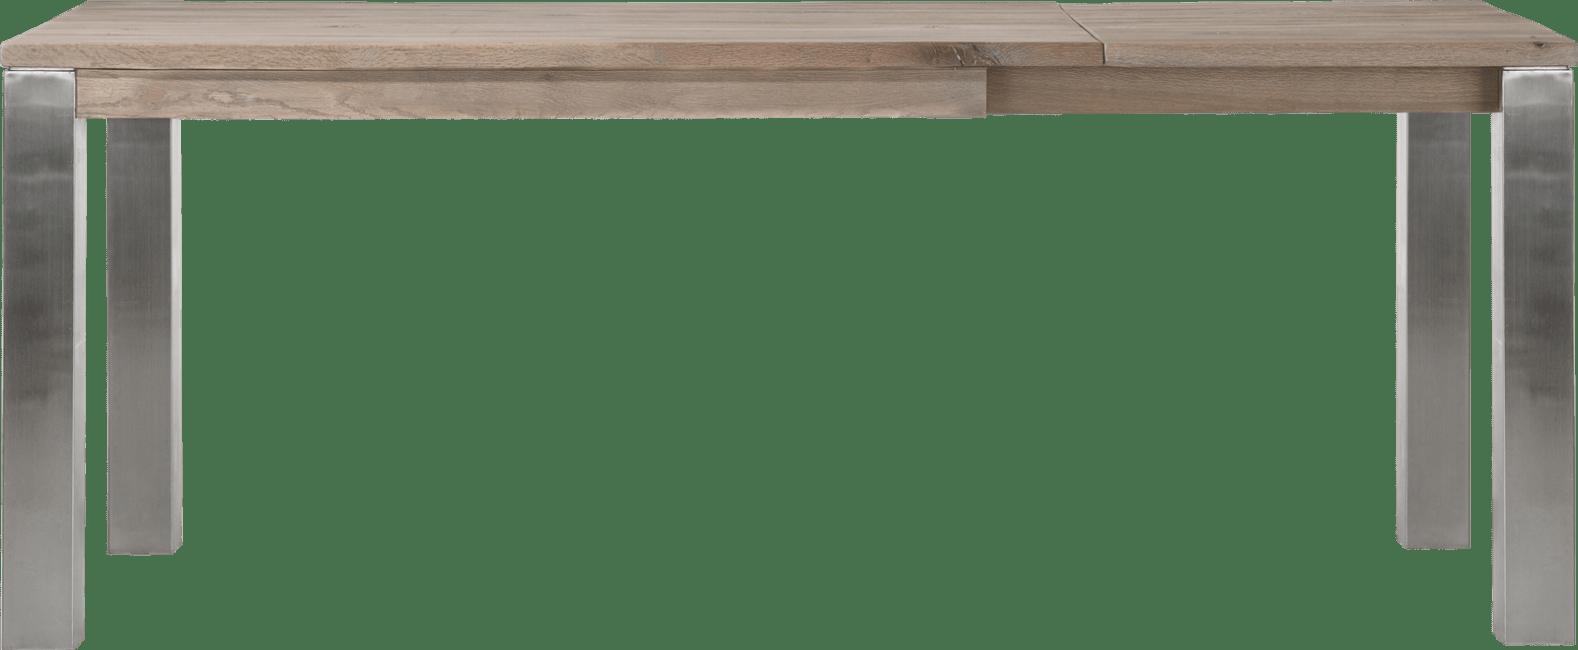 Masters - uitschuiftafel 140 (+60) x 90 cm - rvs 9x9